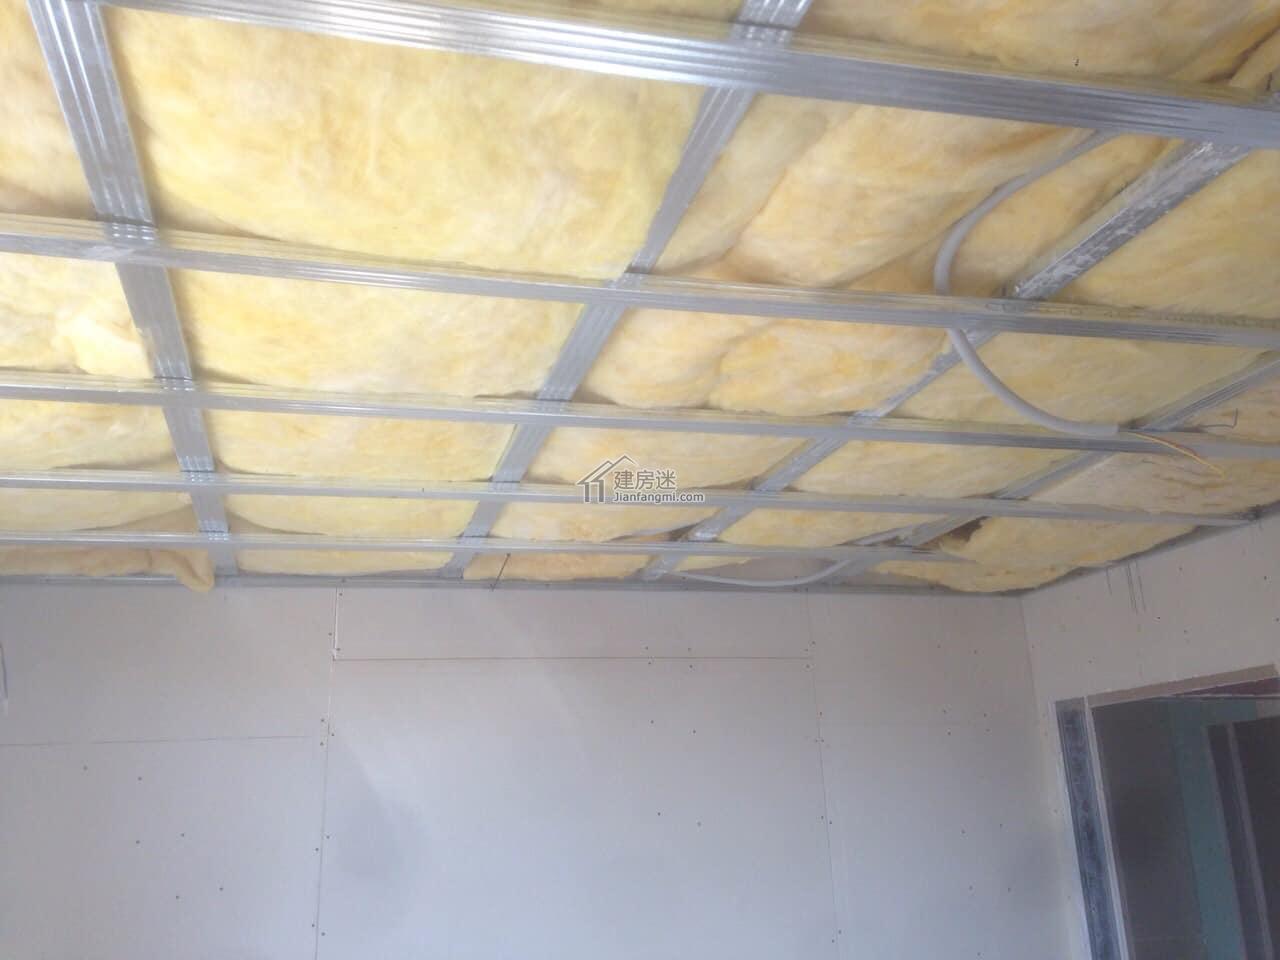 方管或者h钢框架结构轻钢龙骨以及木结构做的复合结构